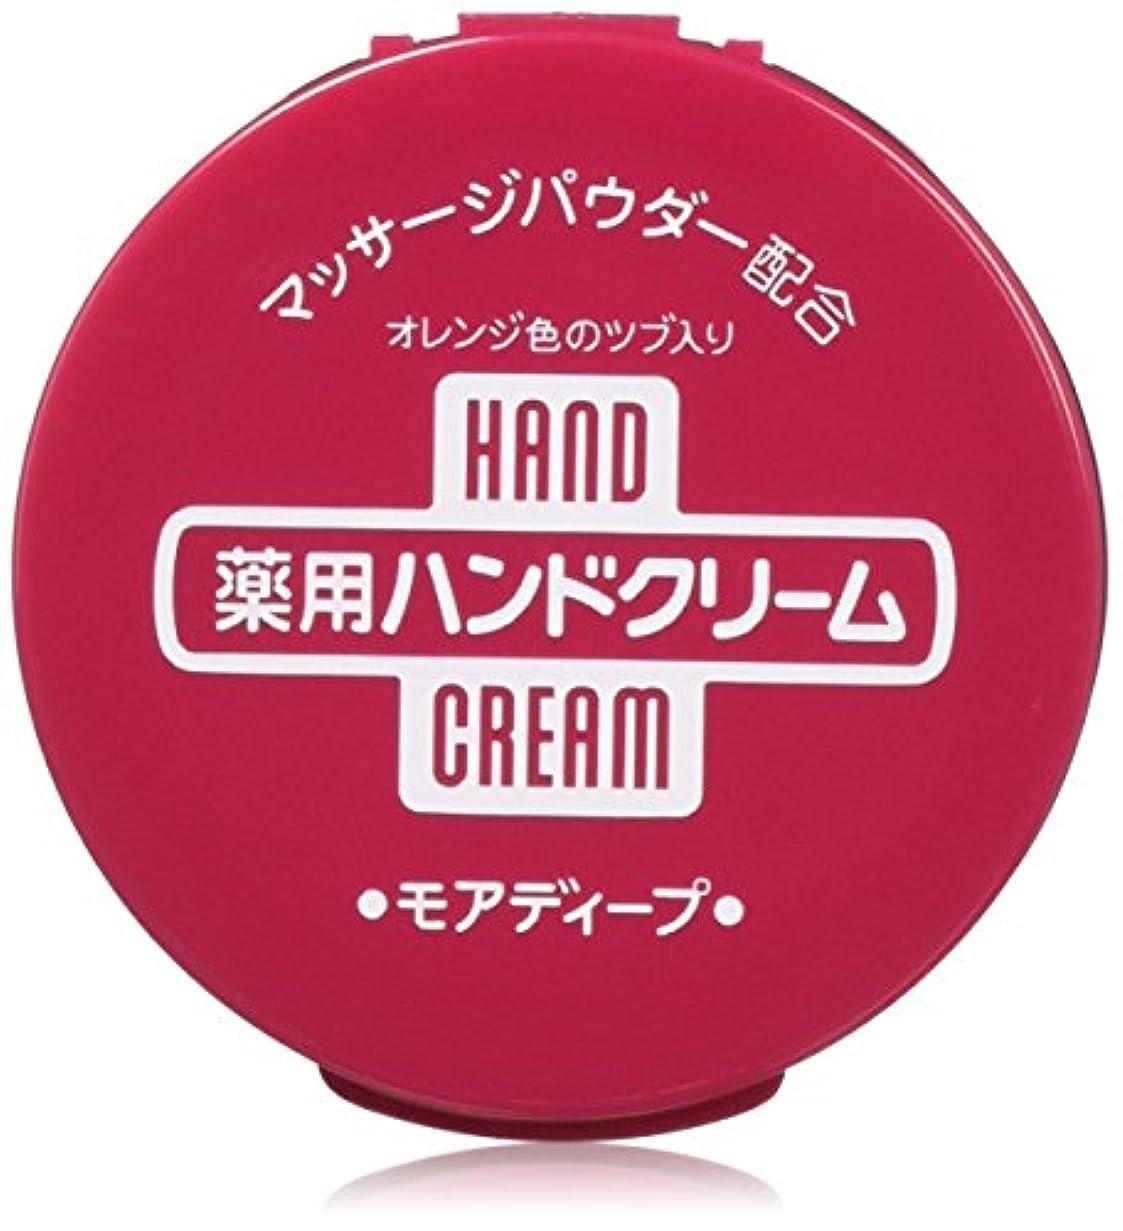 窒素第五プール【まとめ買い】薬用ハンドクリーム モアディープ 100g×12個